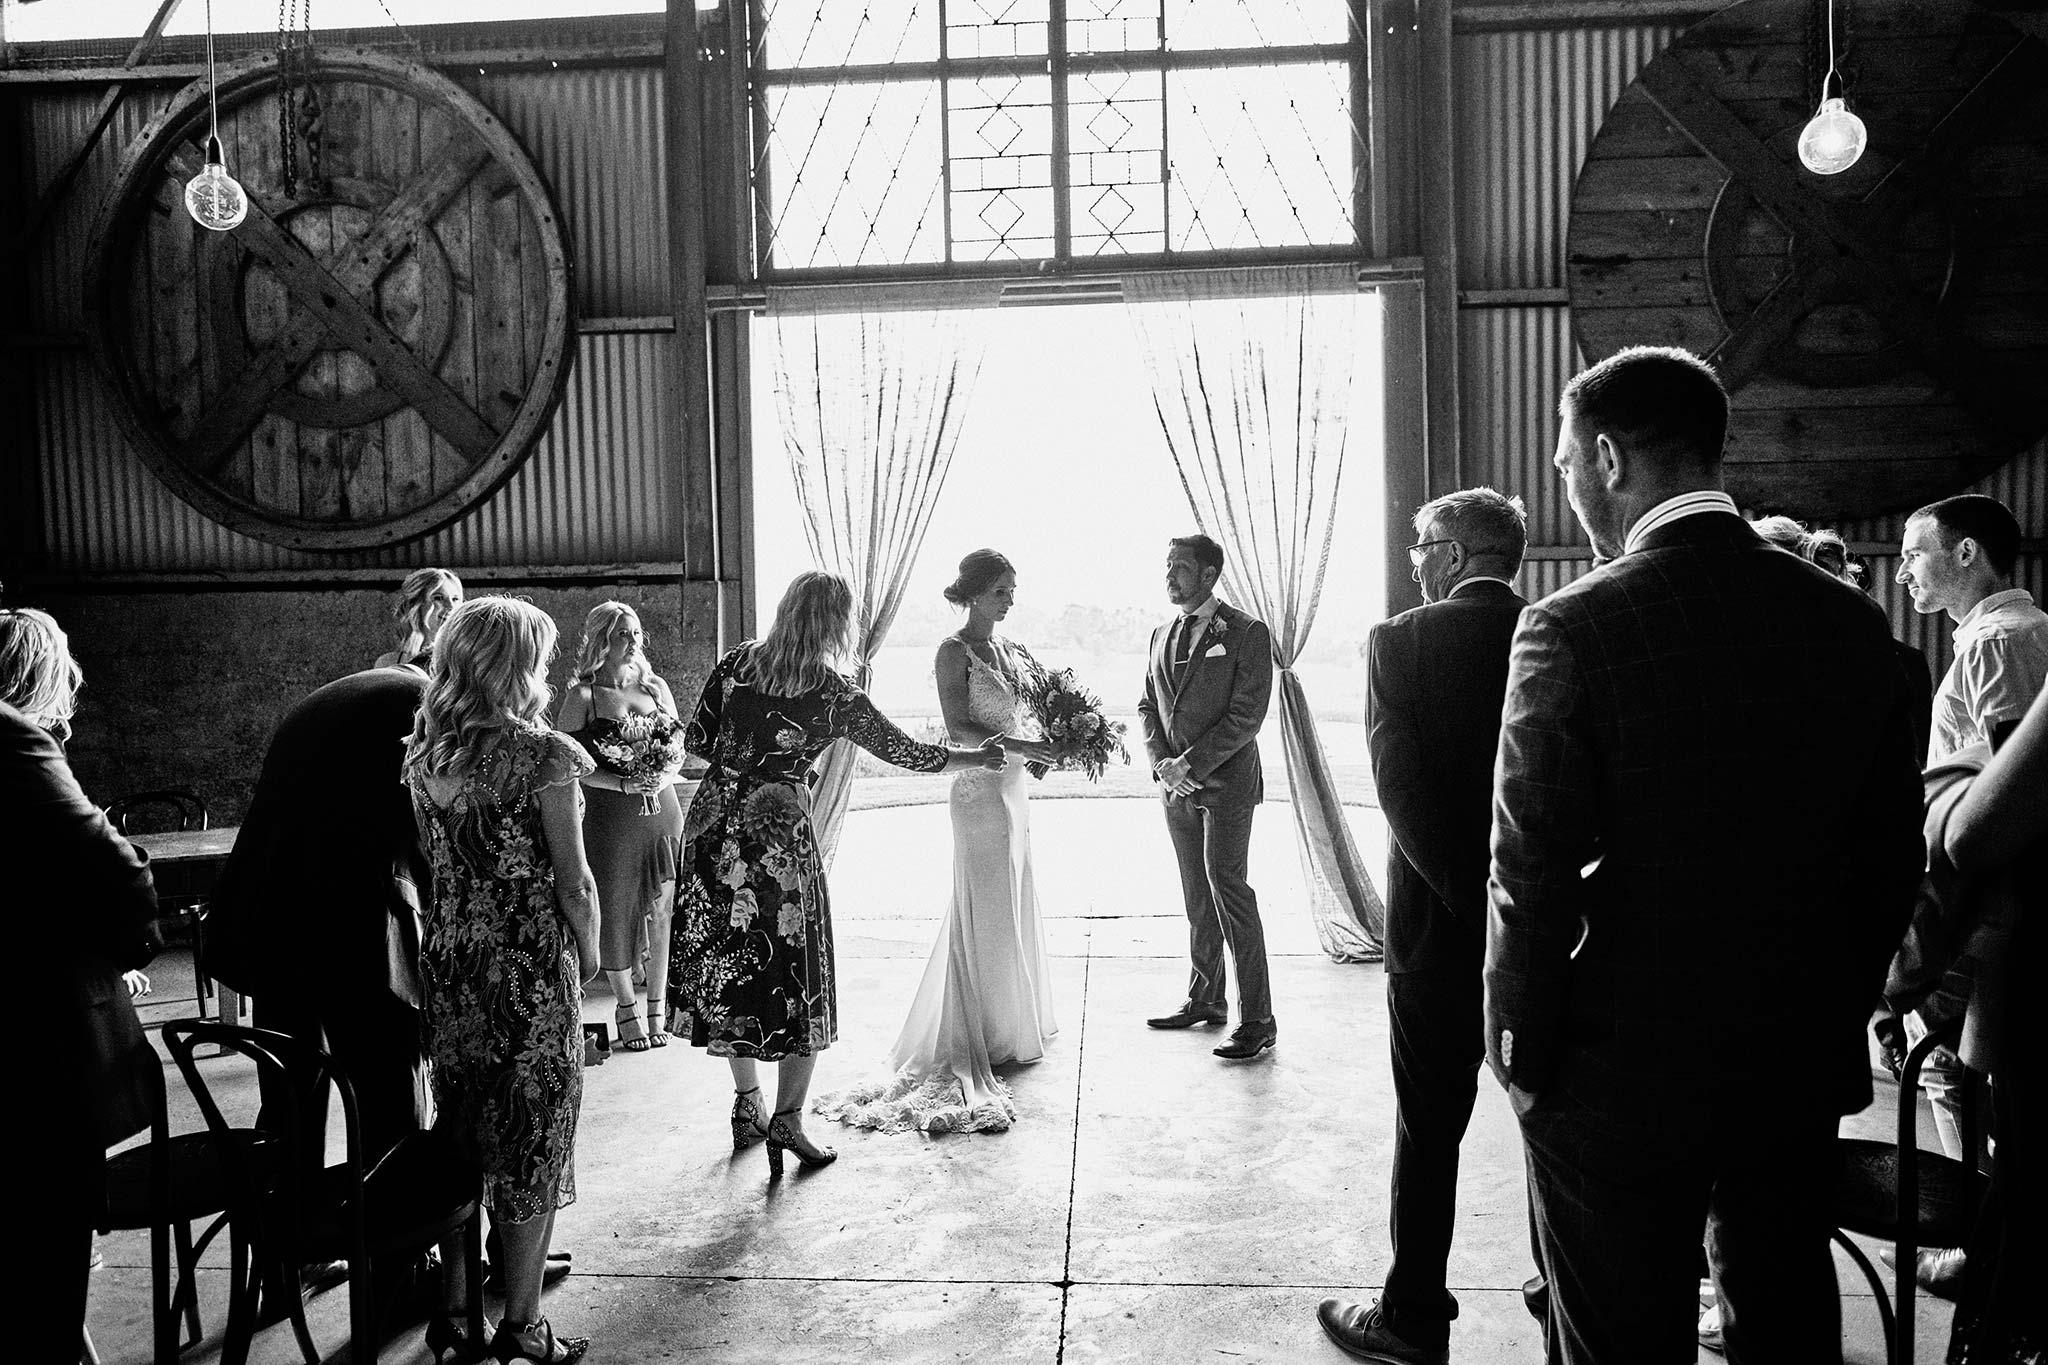 Zonzo estate wedding ceremony backlit